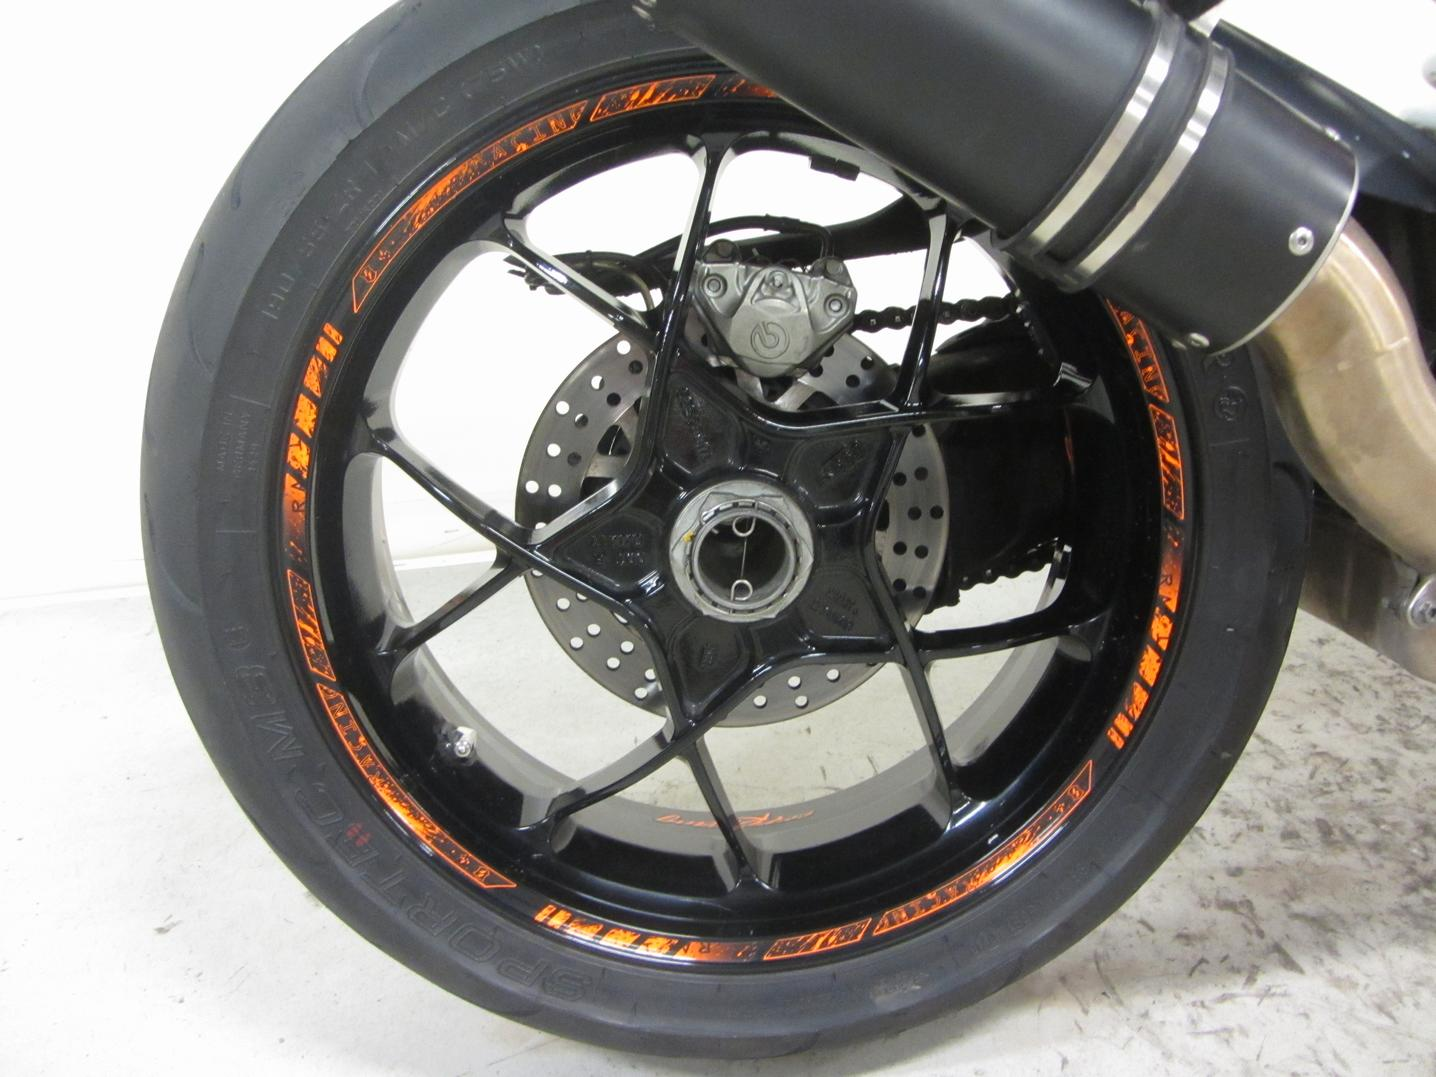 KTM - 1290 SUPER DUKE R ABS